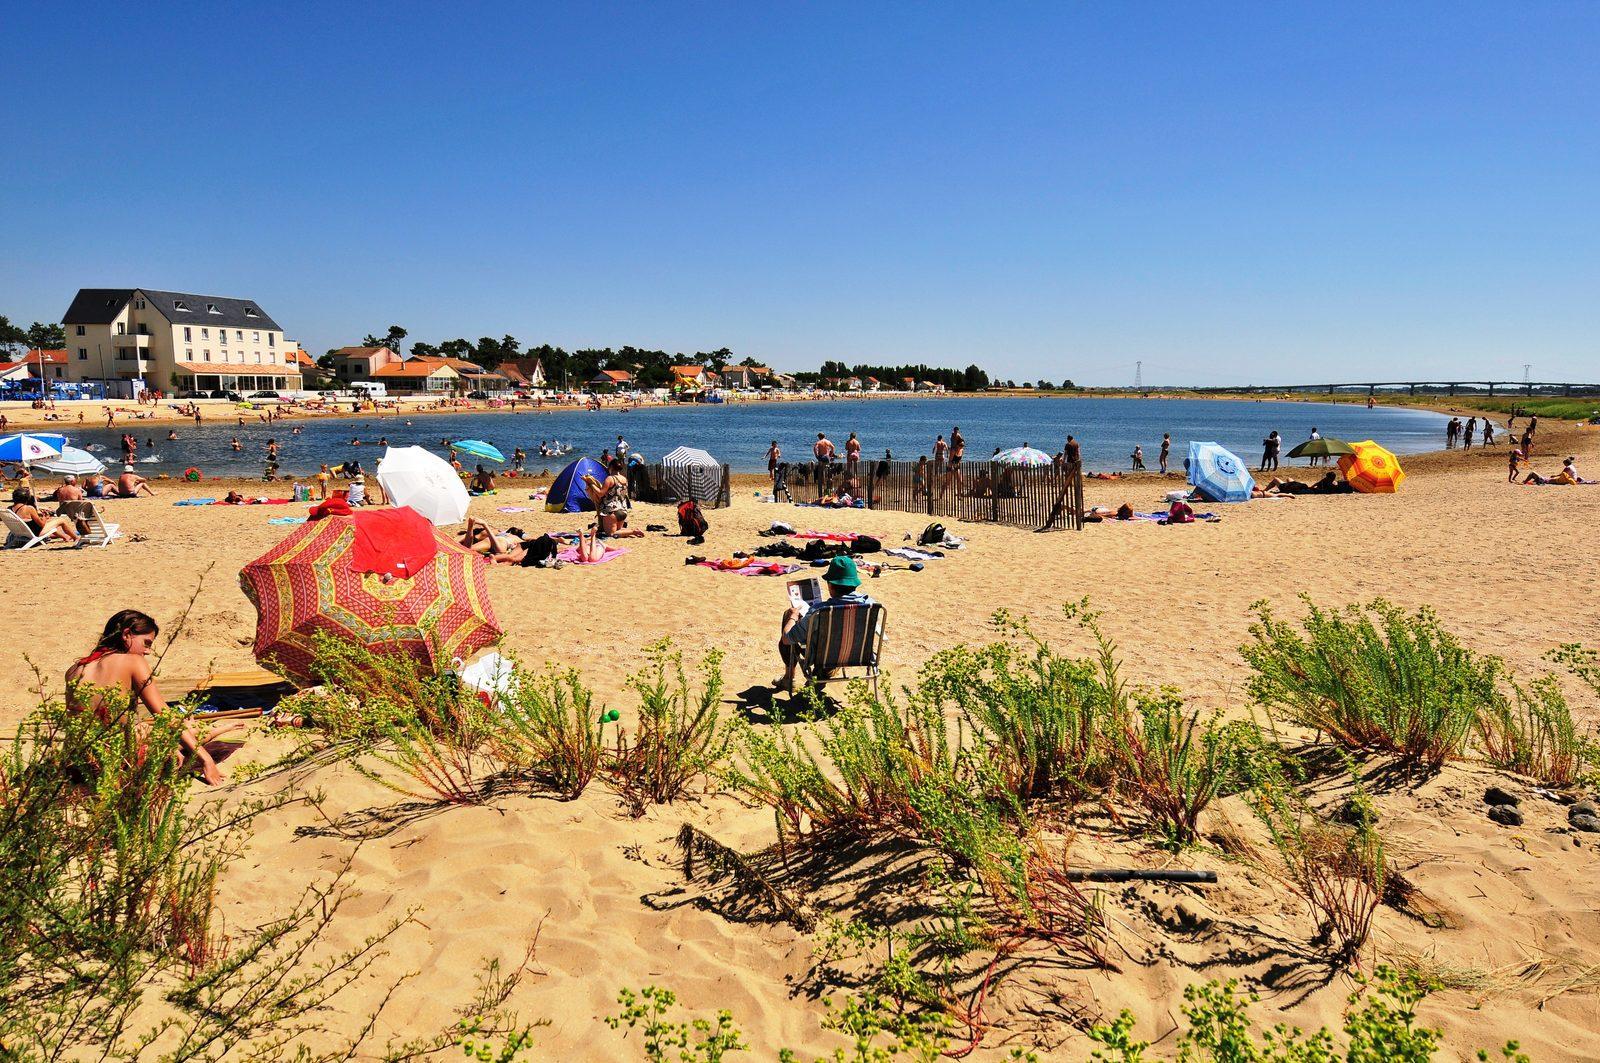 Frankrijk, Charente Maritime, vakantie, strand, kindvriendelijk, luxe, vakantiehuizen